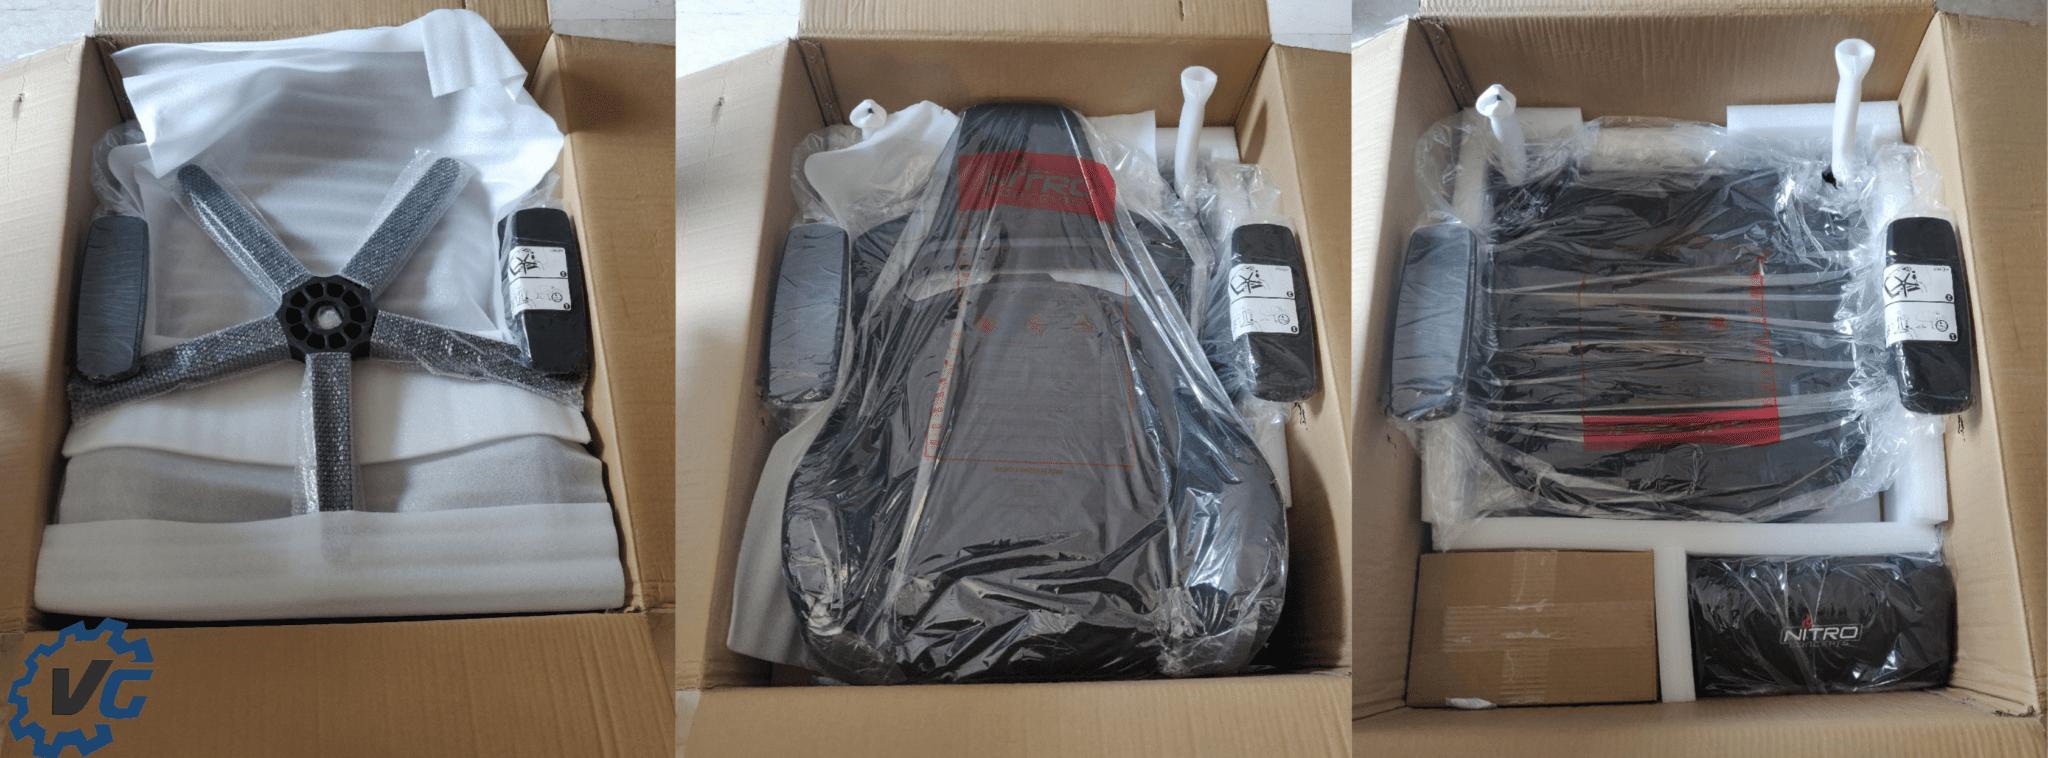 Unboxing Fauteuil Nitro Concept E250